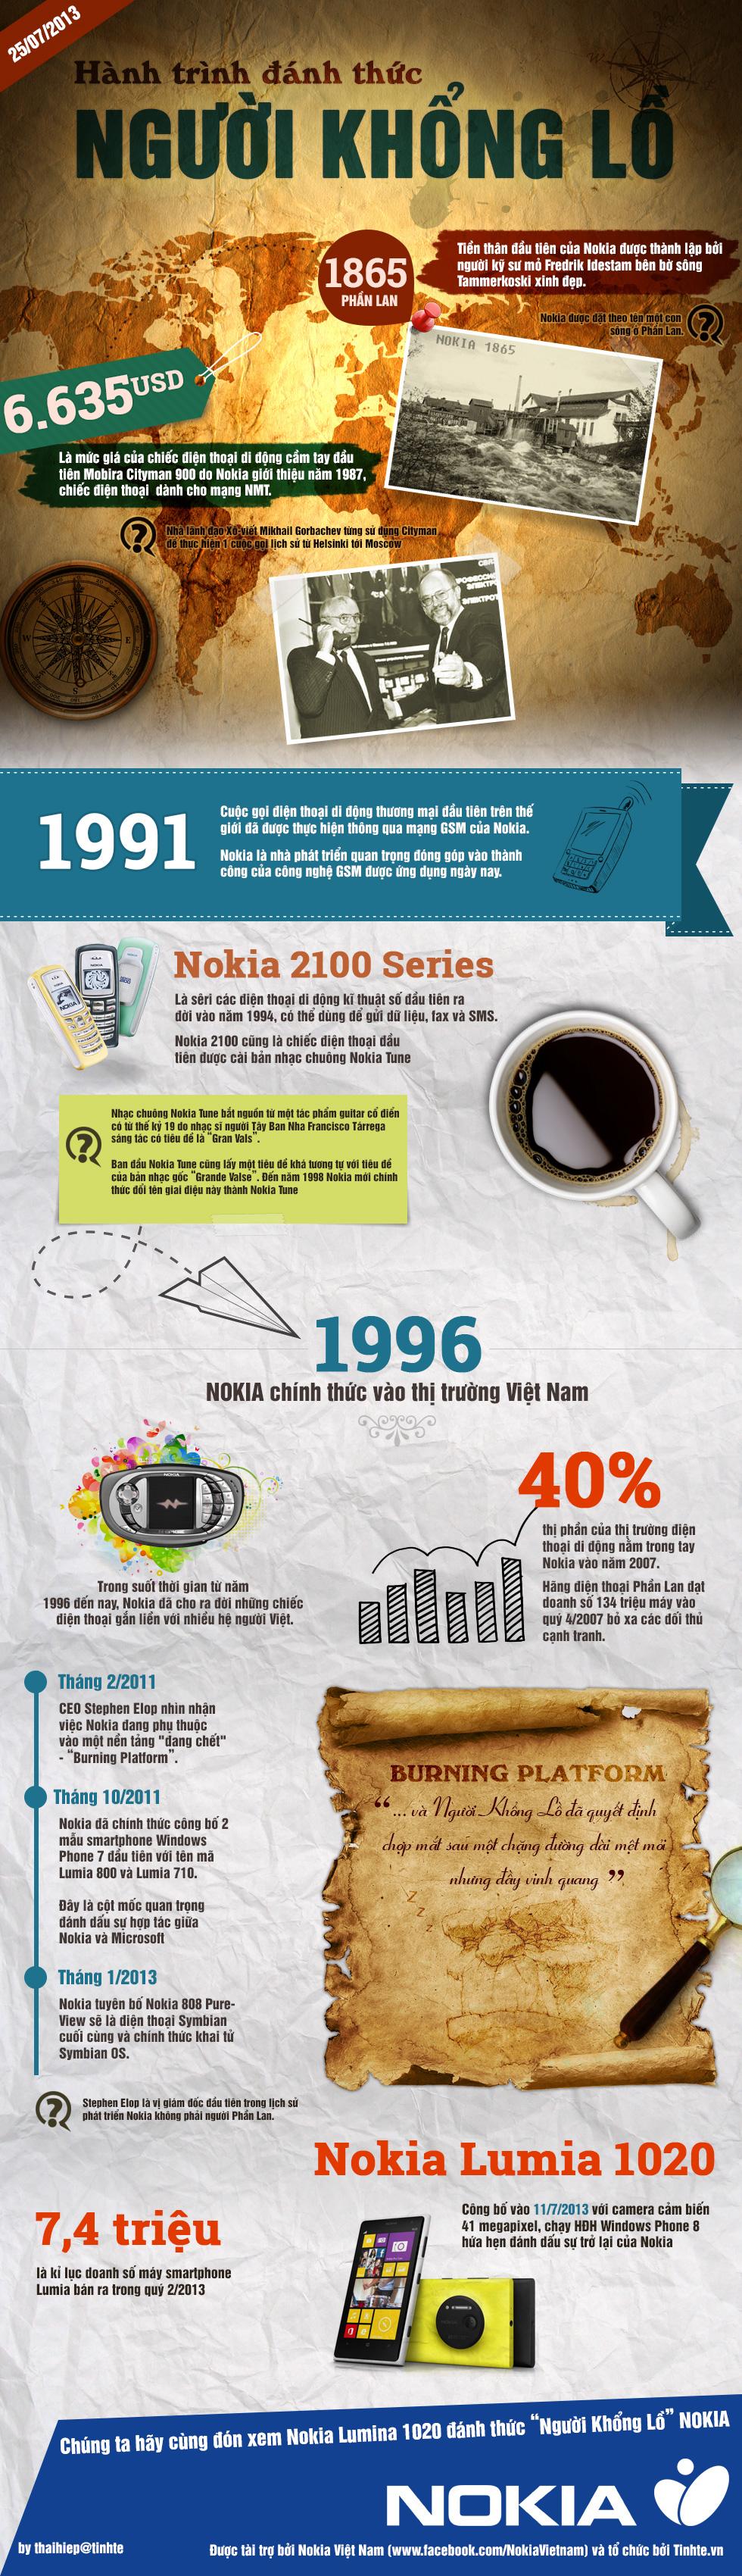 Infographic - Hành trình phát triển của NOKIA